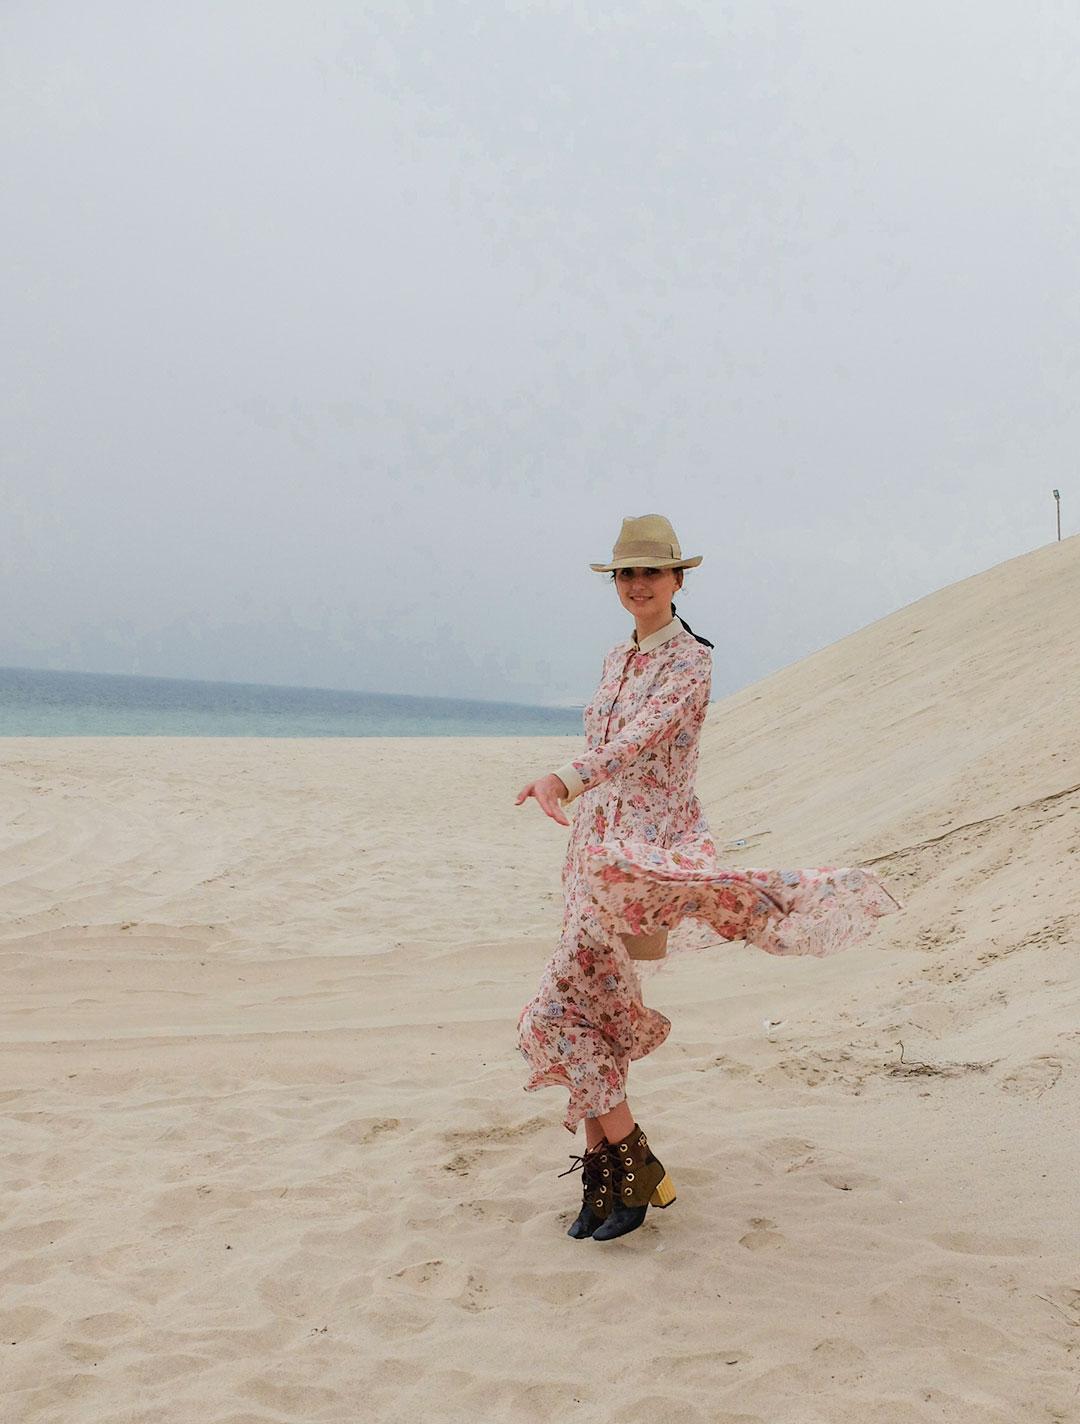 la-reina-del-desierto-mitmeblog-02